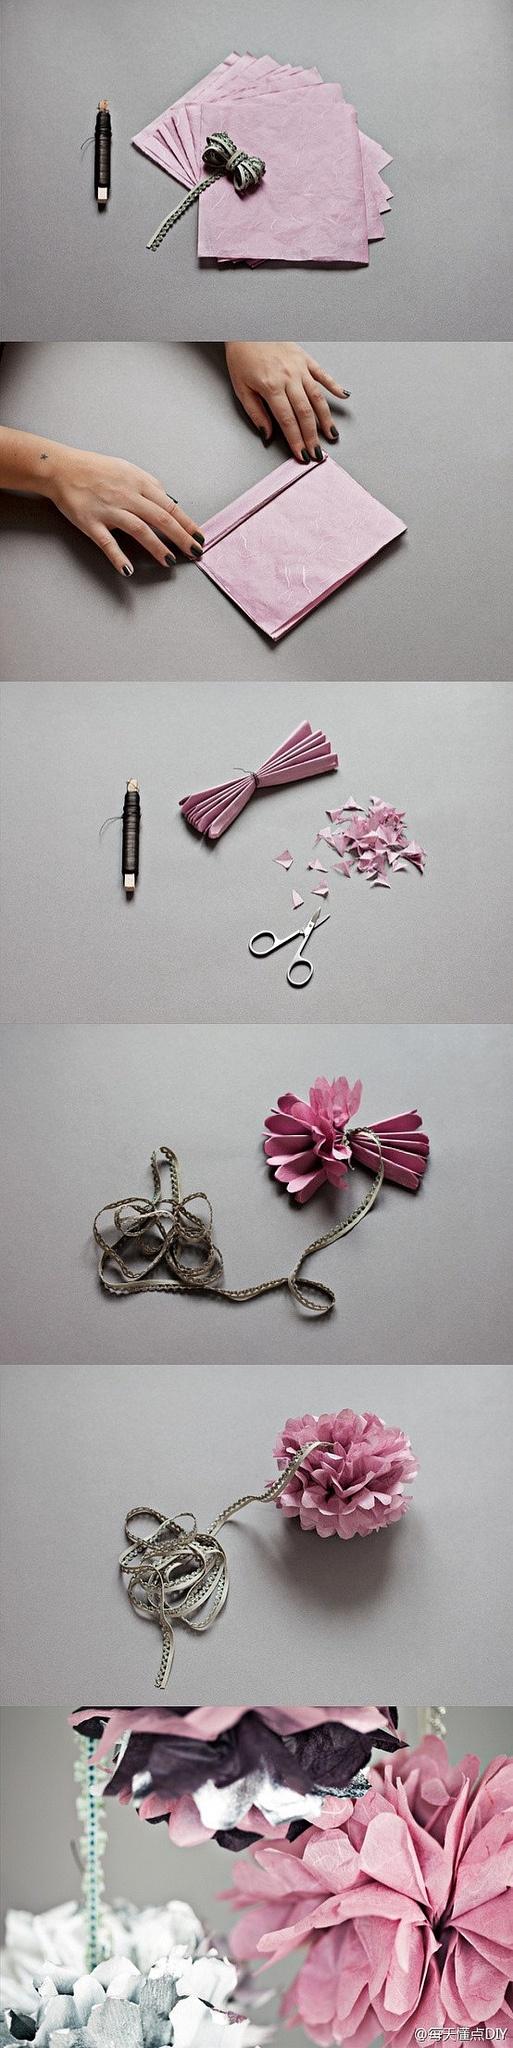 DIY papper flowers!